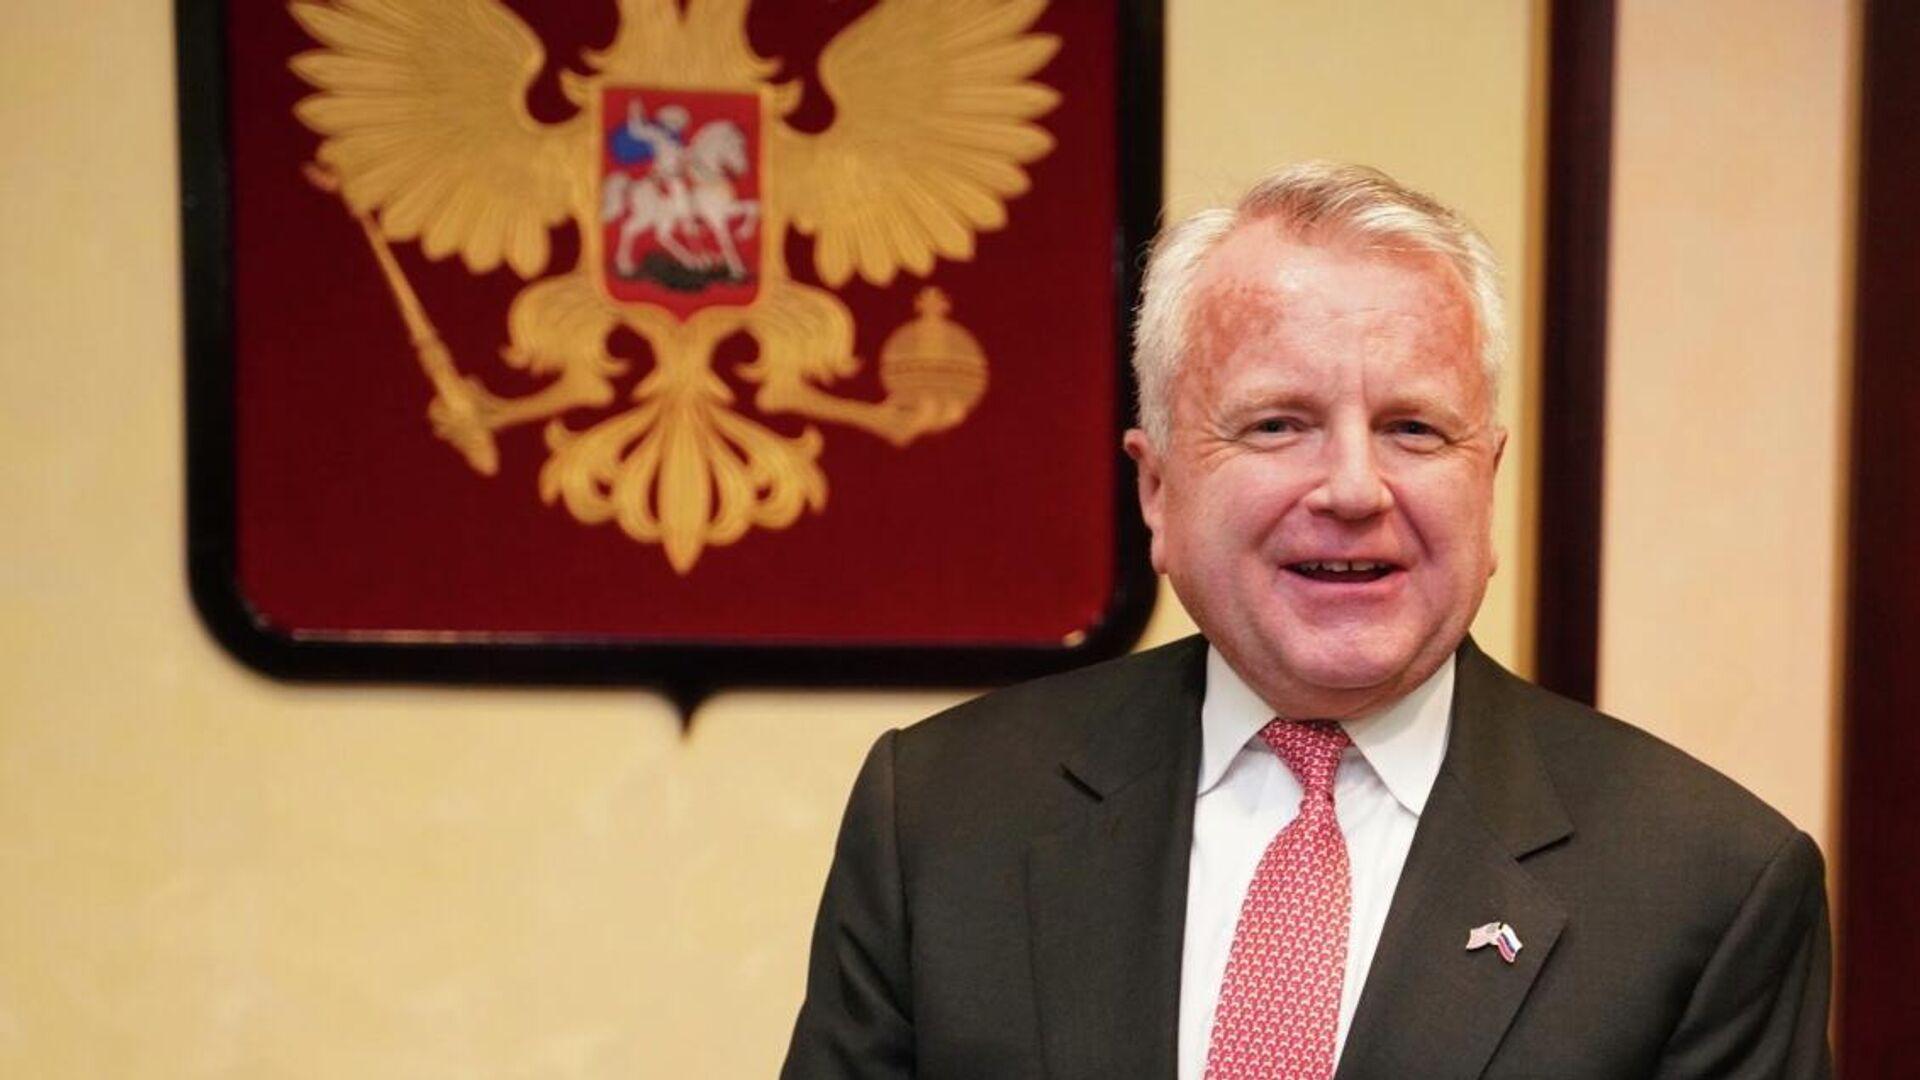 Посол США в России Джон Салливан прибыл в Москву - РИА Новости, 1920, 21.06.2021